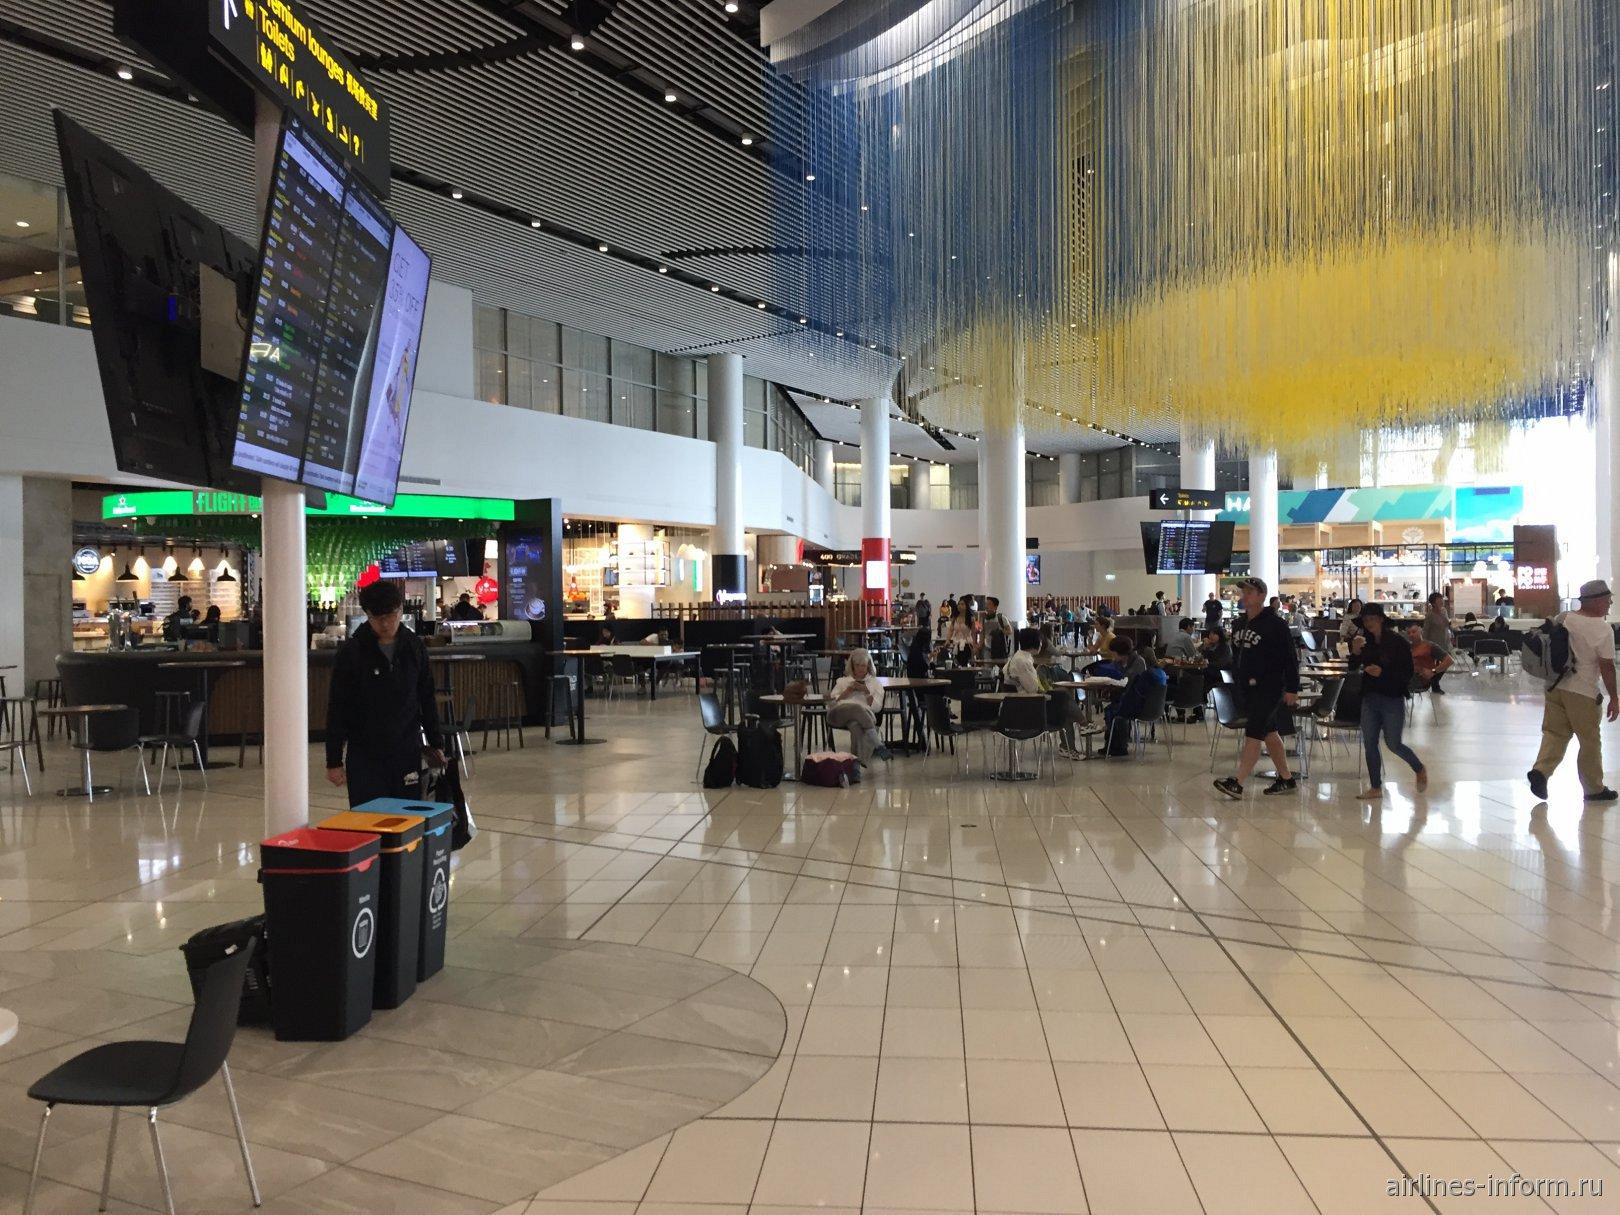 Фудкорт в чистой зоне аэропорт Окленд, Новая Зеландия